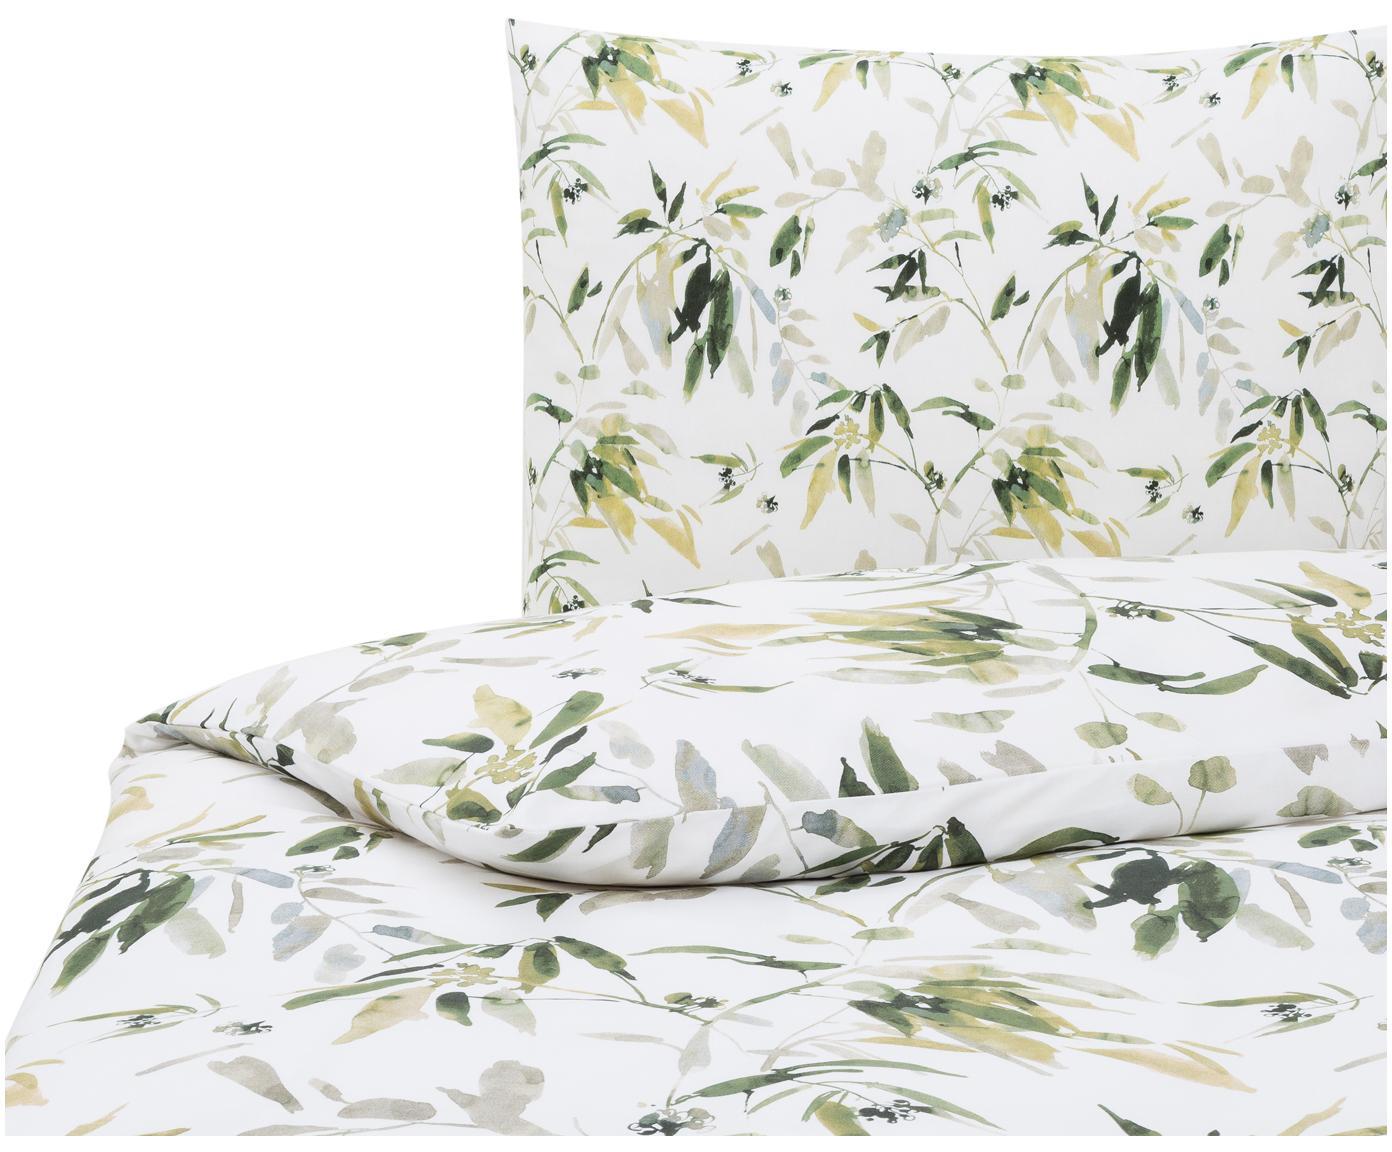 Katoensatijnen dekbedovertrek Rimba, Weeftechniek: satijn, Wit, groentinten, 140 x 220 cm